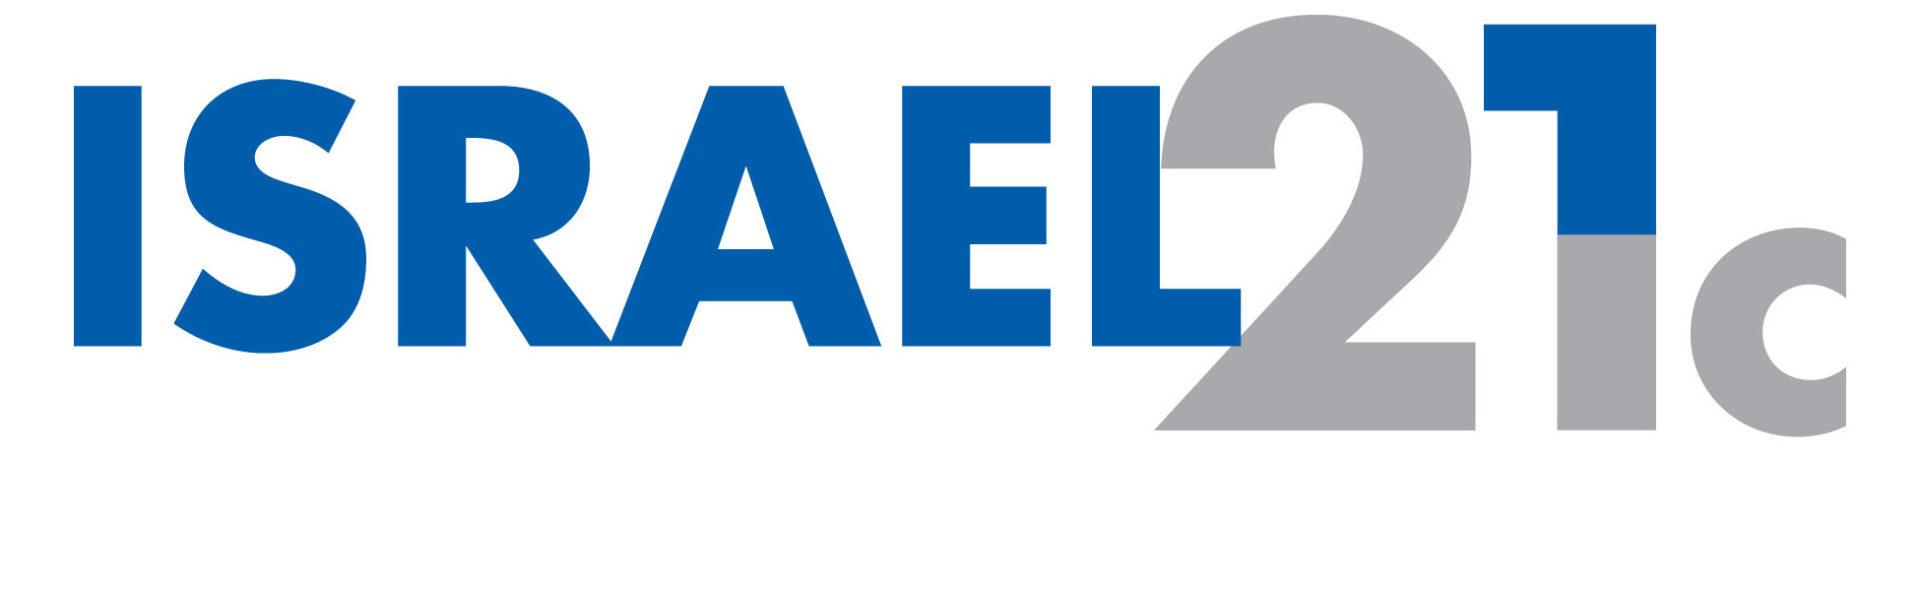 Israel21cLogoRGBCLEAN